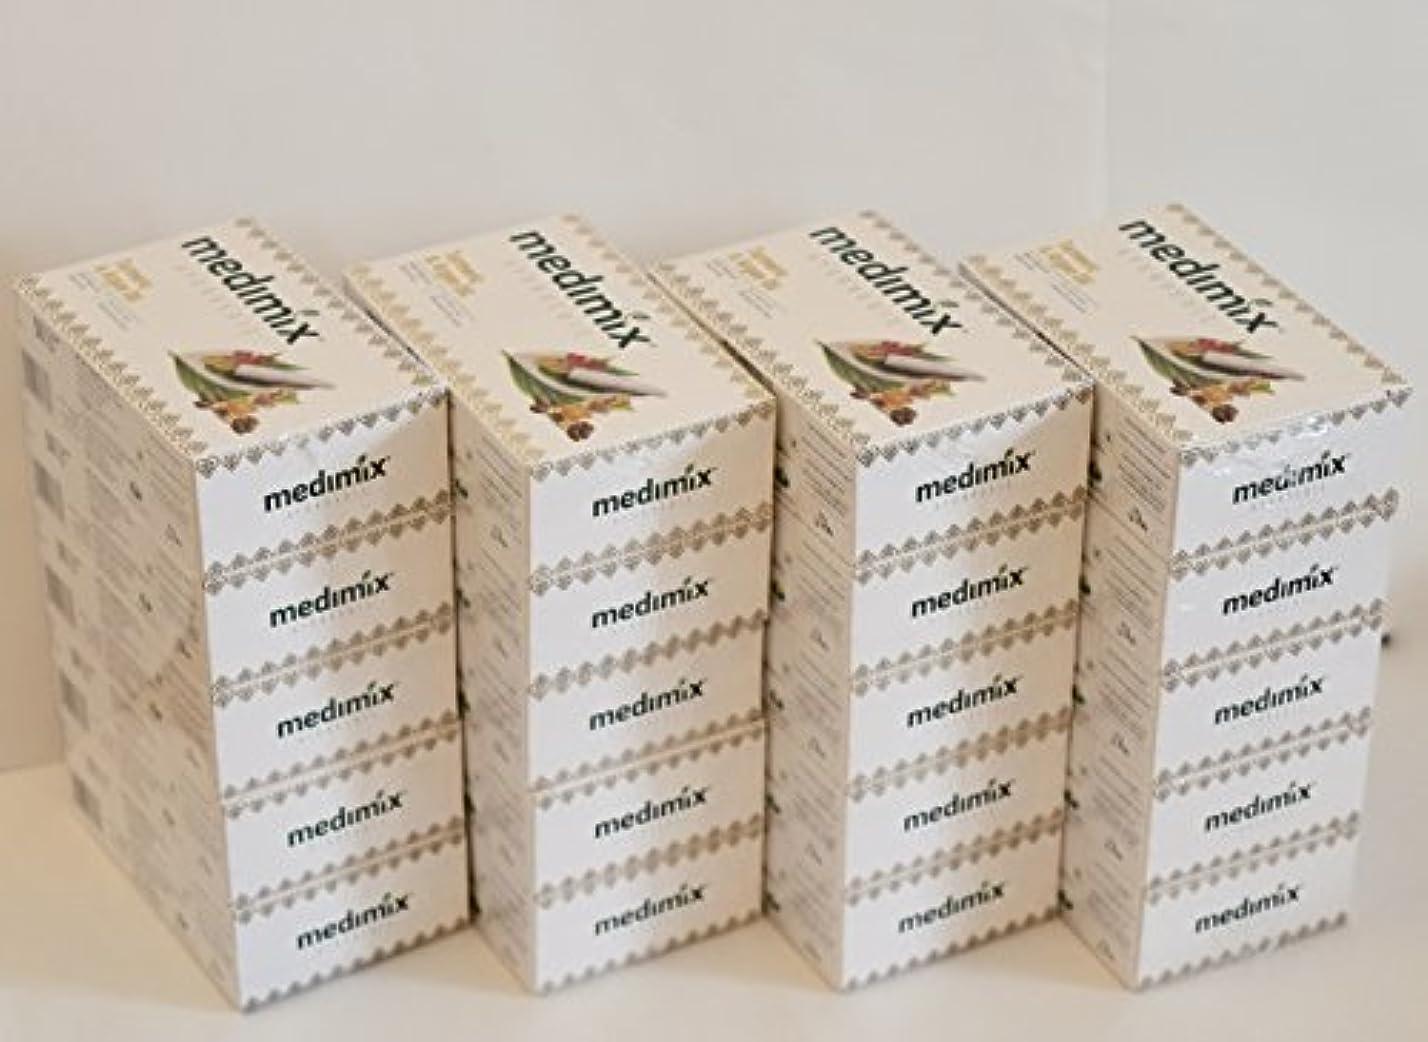 シンクタックル心からMEDIMIX メディミックス アーユルヴェーダ ターメリック アンド アルガン石鹸(medimix AYURVEDA Turmeric & Argan) 125g 20個入り